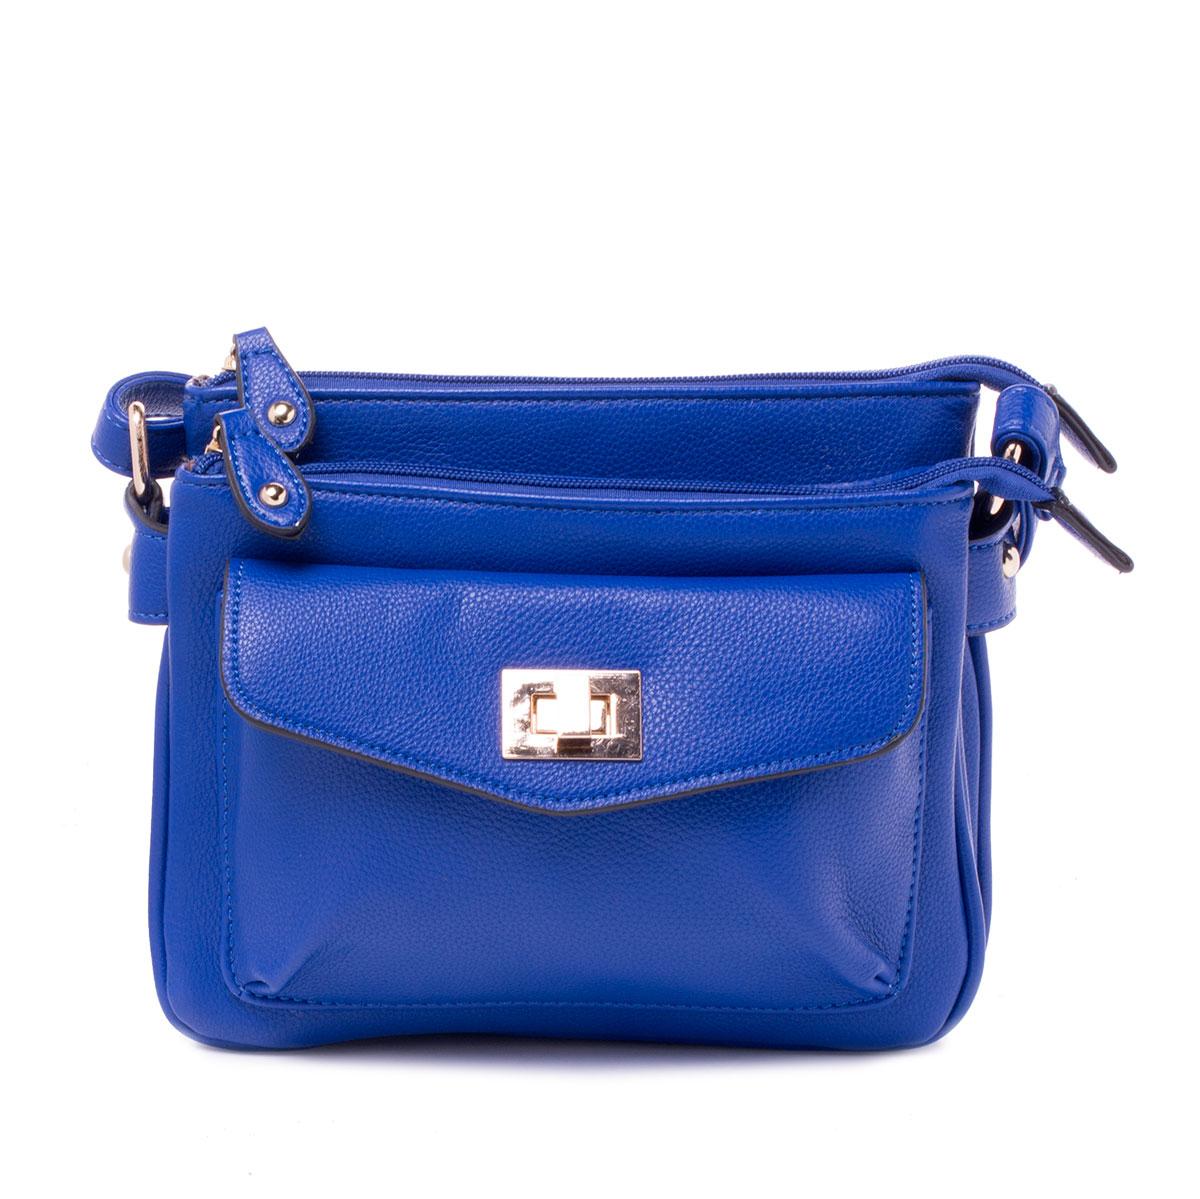 Сумка женская Baggini, цвет: синий. 29794/4329794/43Сумка жен., иск. кожа